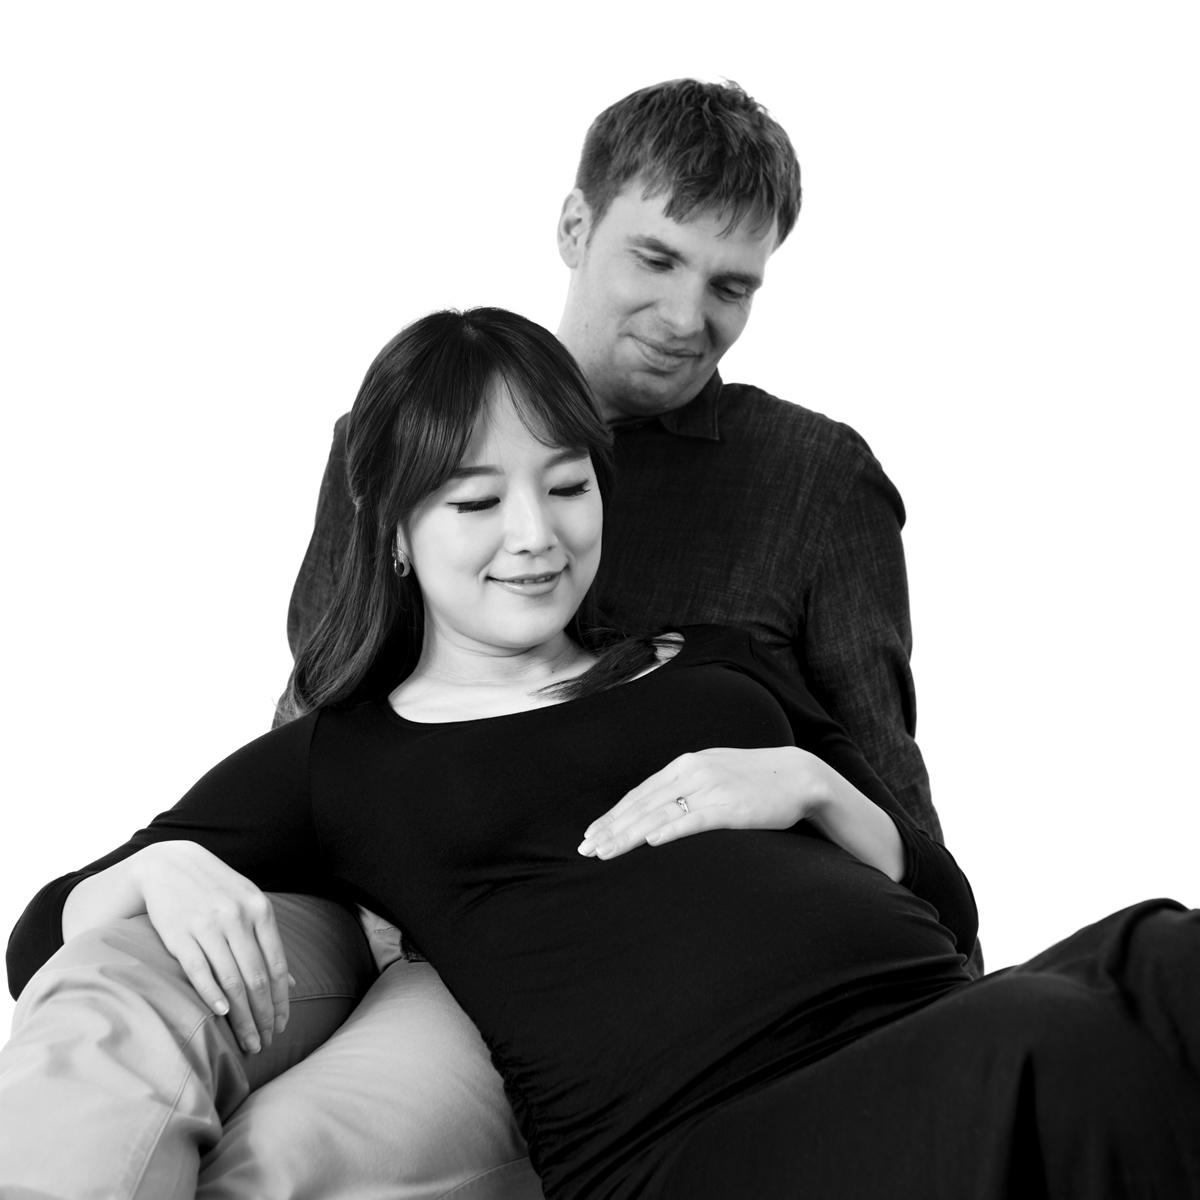 Pregnancy photoshoot Zwangerschapsfotografie Haarlem Zwangerschapsfotograaf Zwangerschapsfotografie op locatie Fotograaf Zalmiy Paeez Heemstede Haarlem Noord-Holland